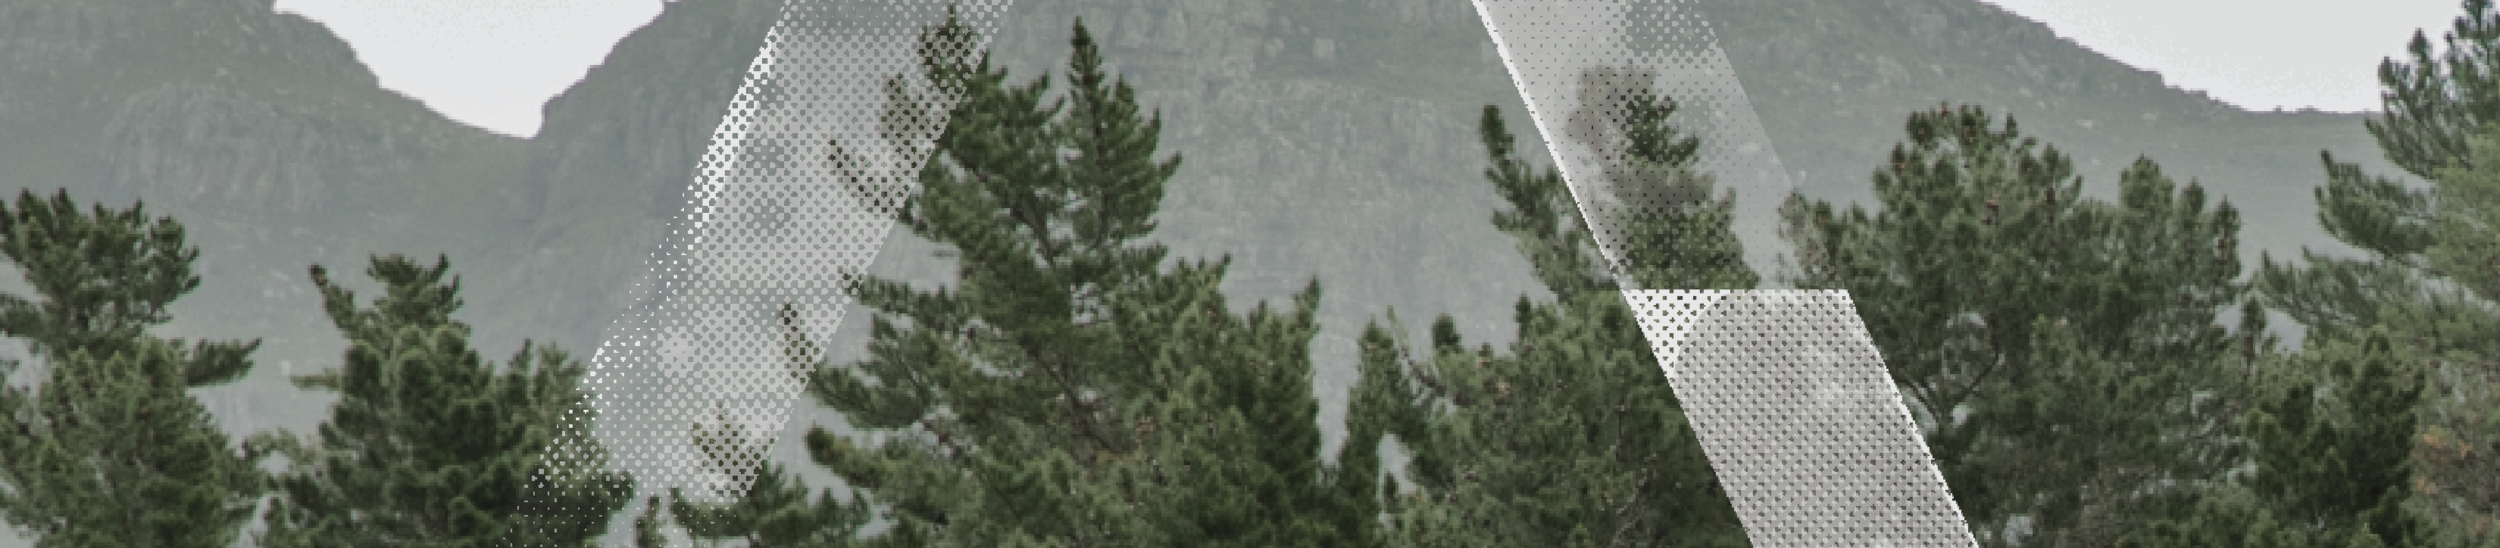 tree for tree -